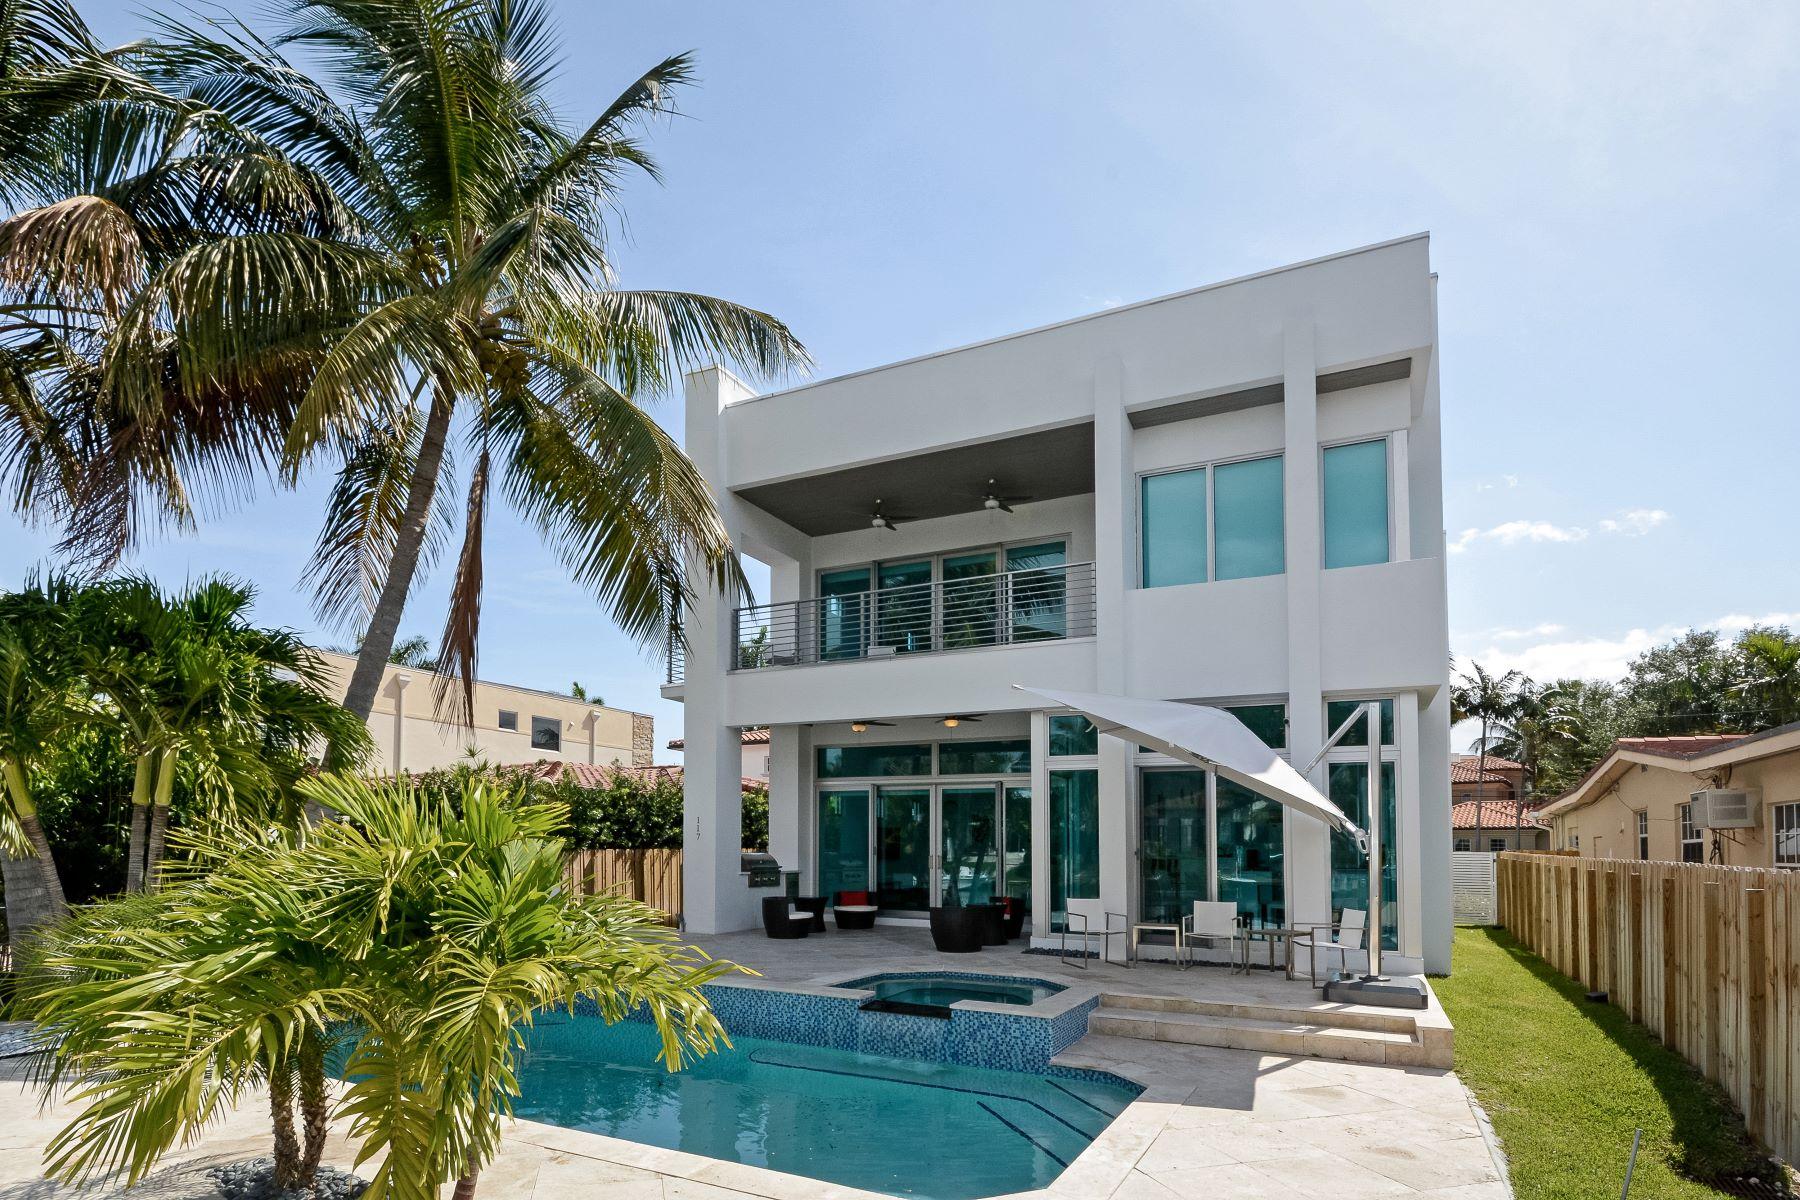 واحد منزل الأسرة للـ Rent في 117 S Gordon Rd 117 SGordon Rd Fort Lauderdale, Florida 33301 United States